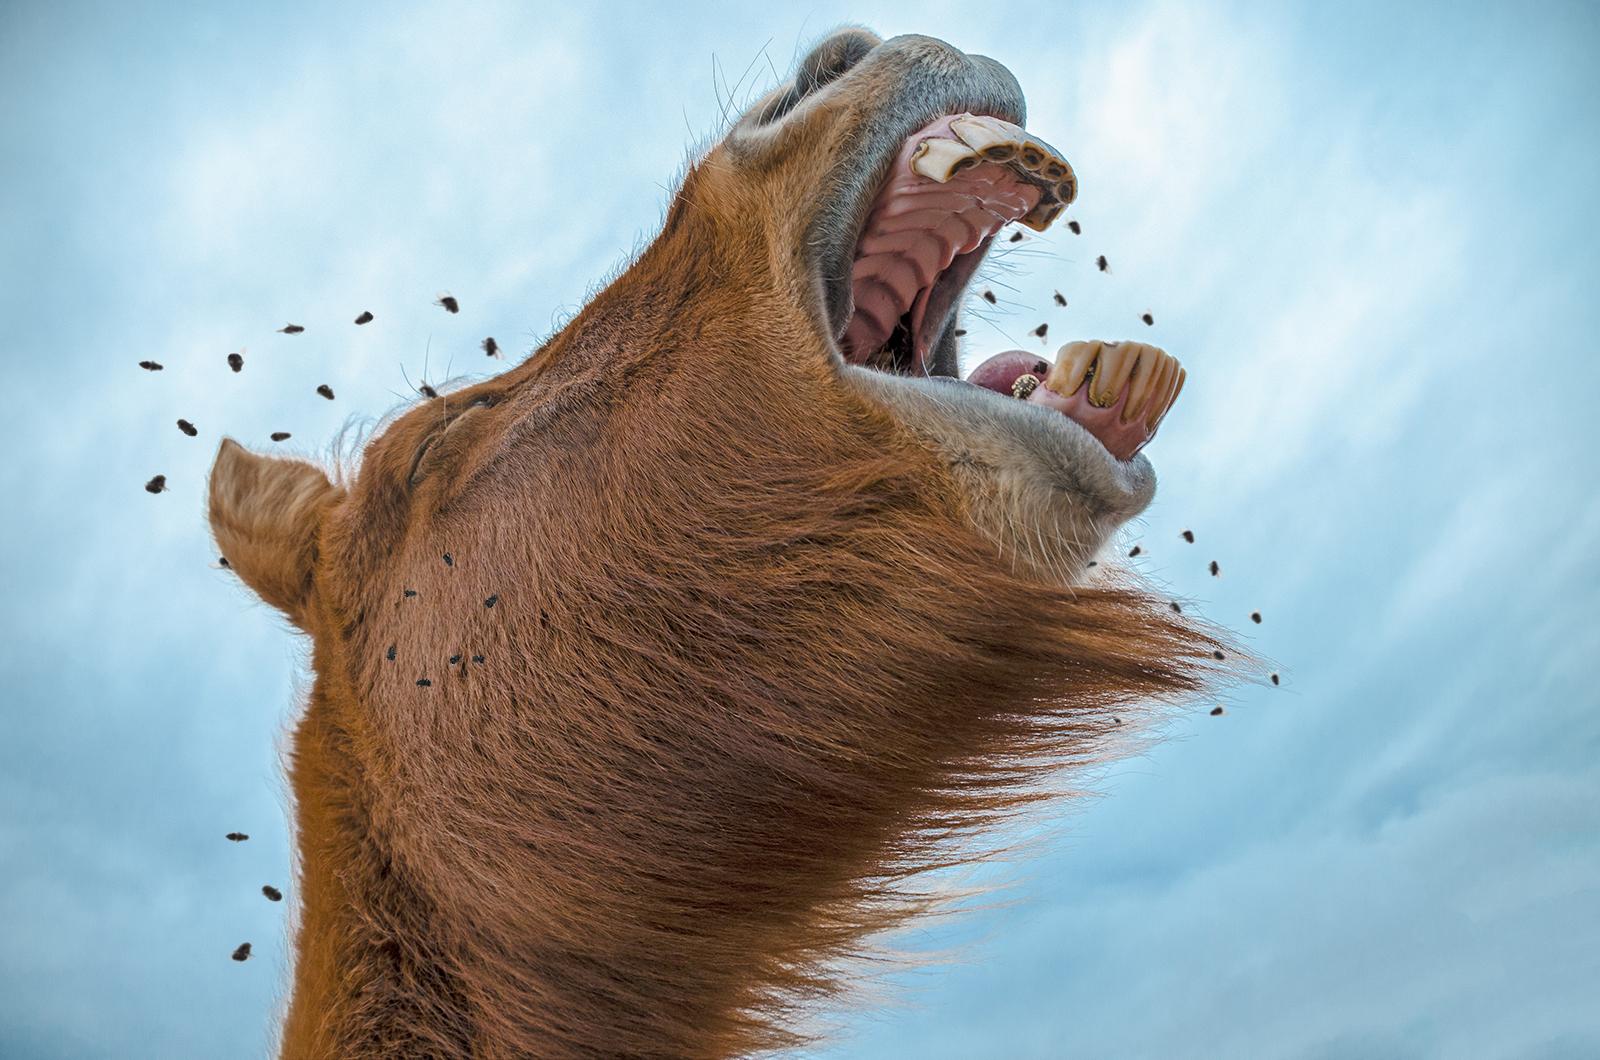 Mijn paard wordt gek van vliegen!